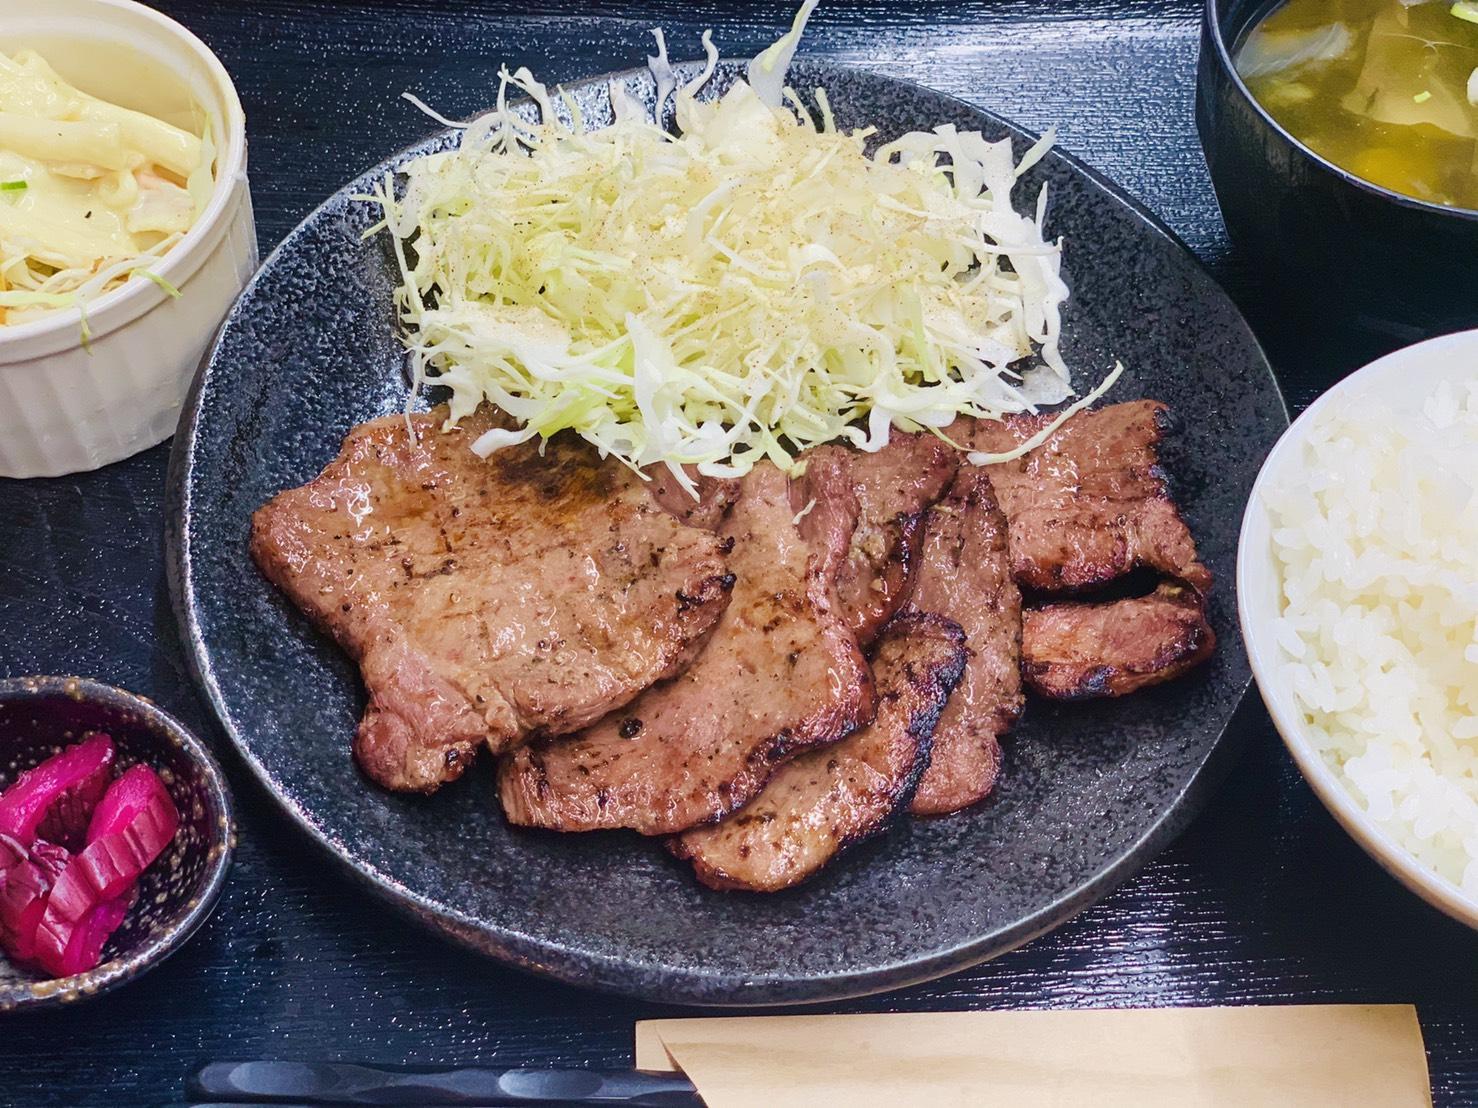 ランチ/テイクアウト | 尾張一宮名物 焼豚・豚角煮・最高級黒毛和牛のロータリー三楽